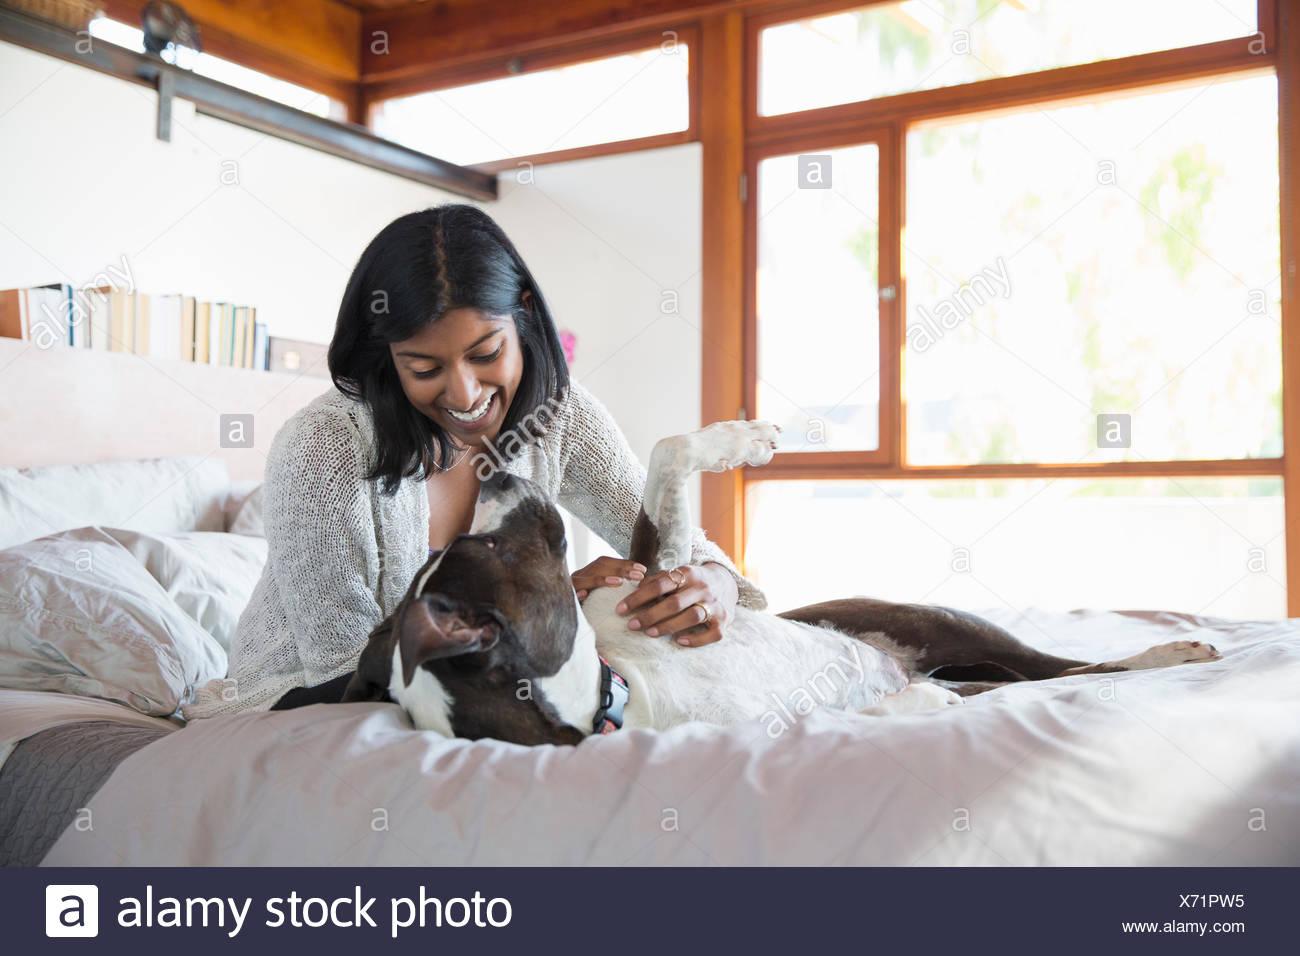 Mujer sonriente acariciar a perros en la cama Imagen De Stock